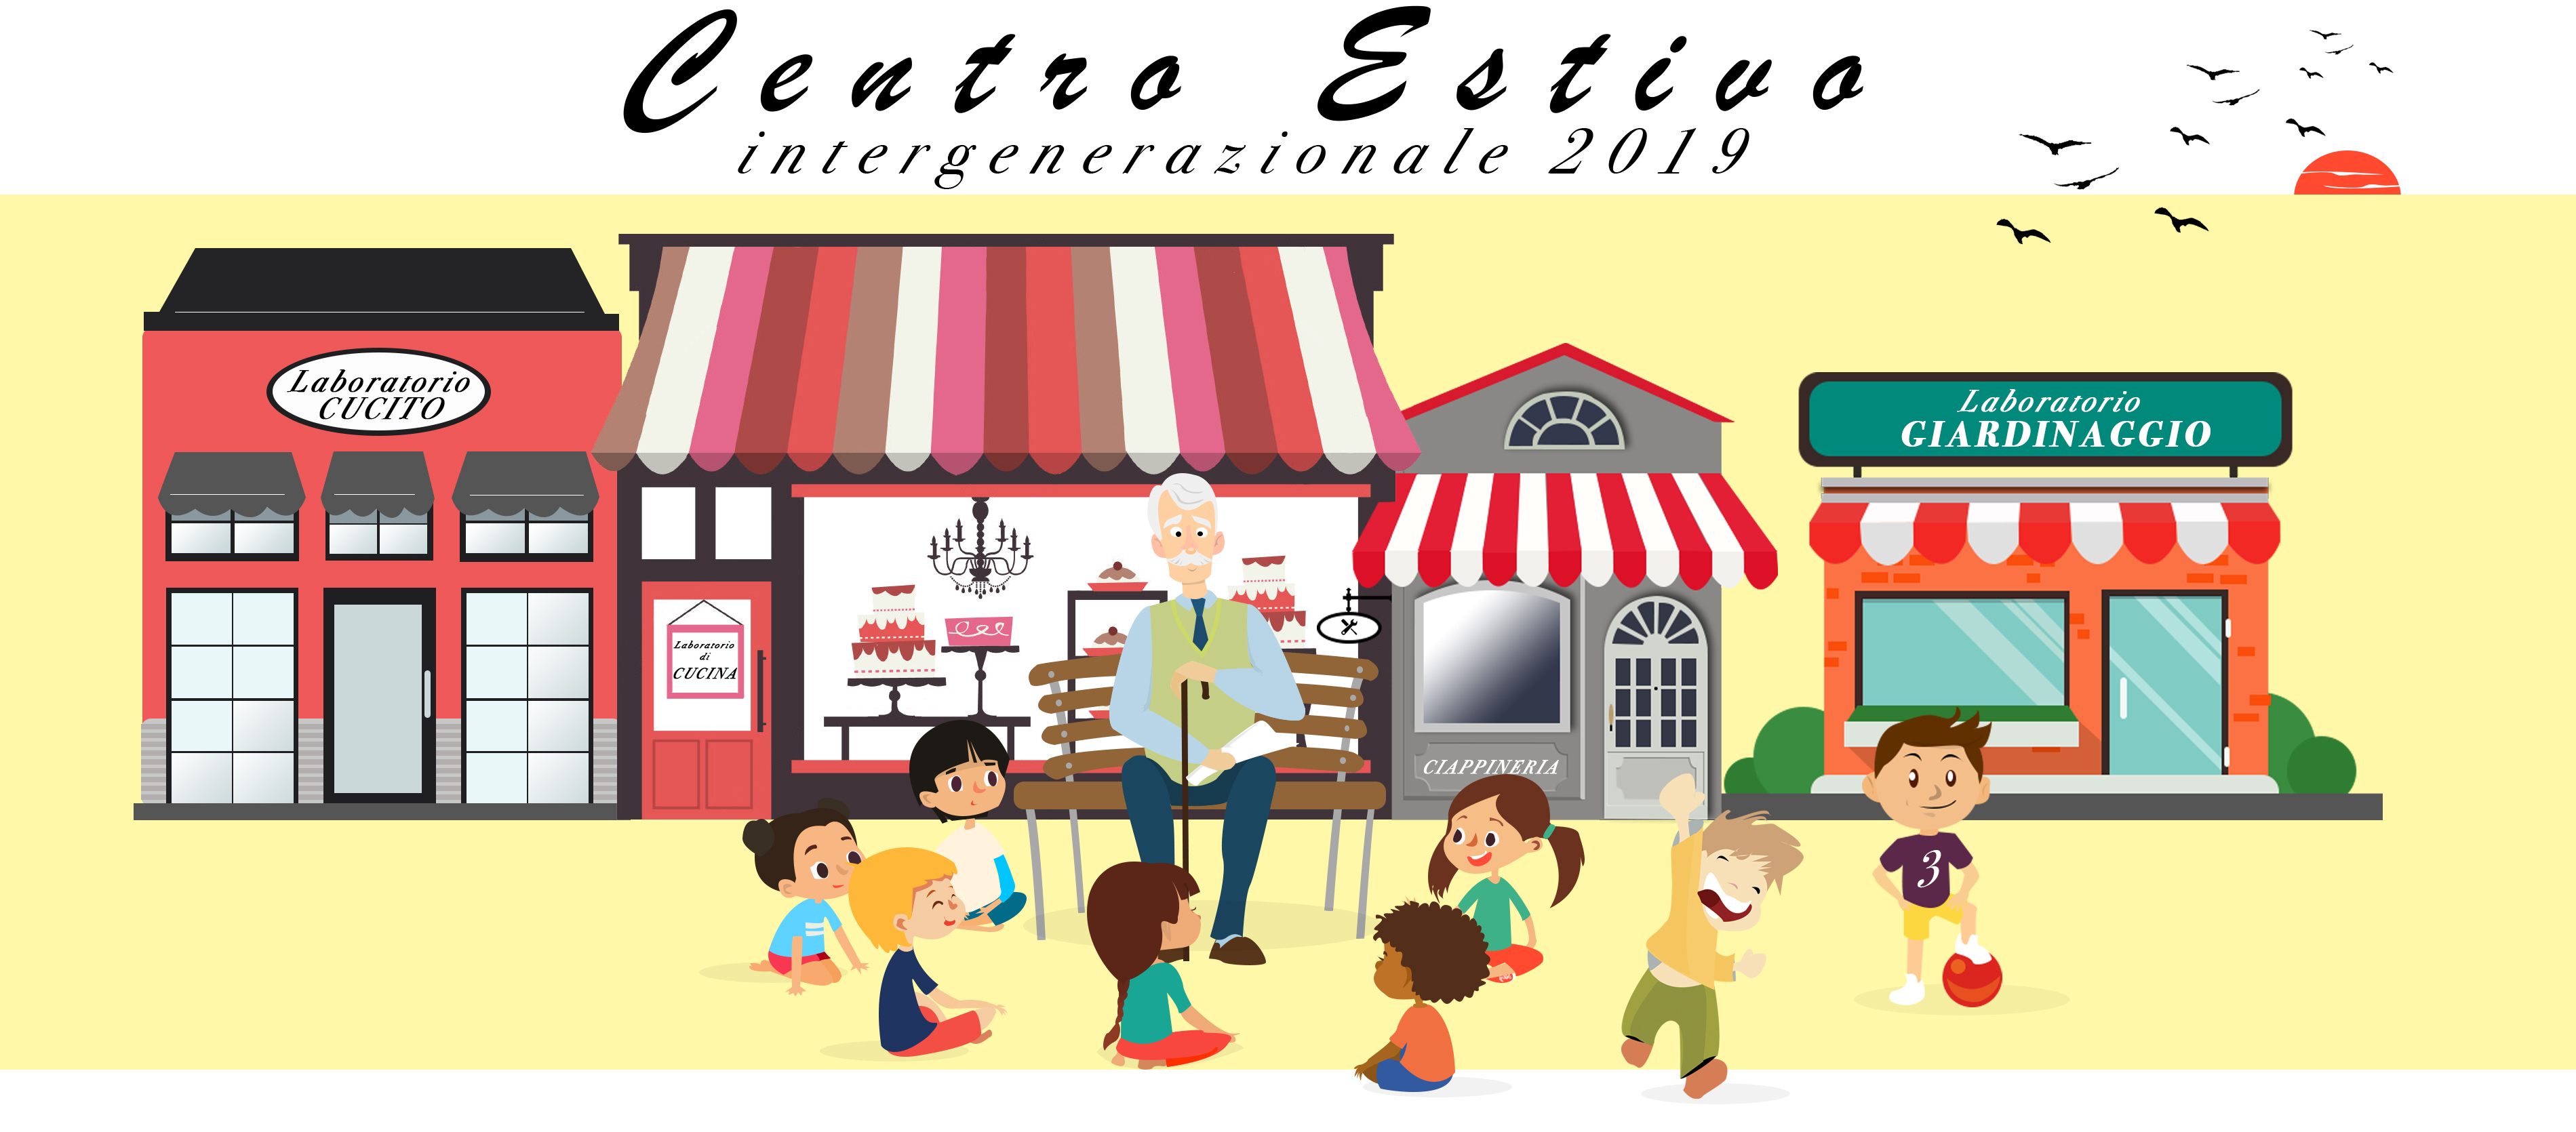 CENTRO ESTIVO INTERGENERAZIONALE 2019